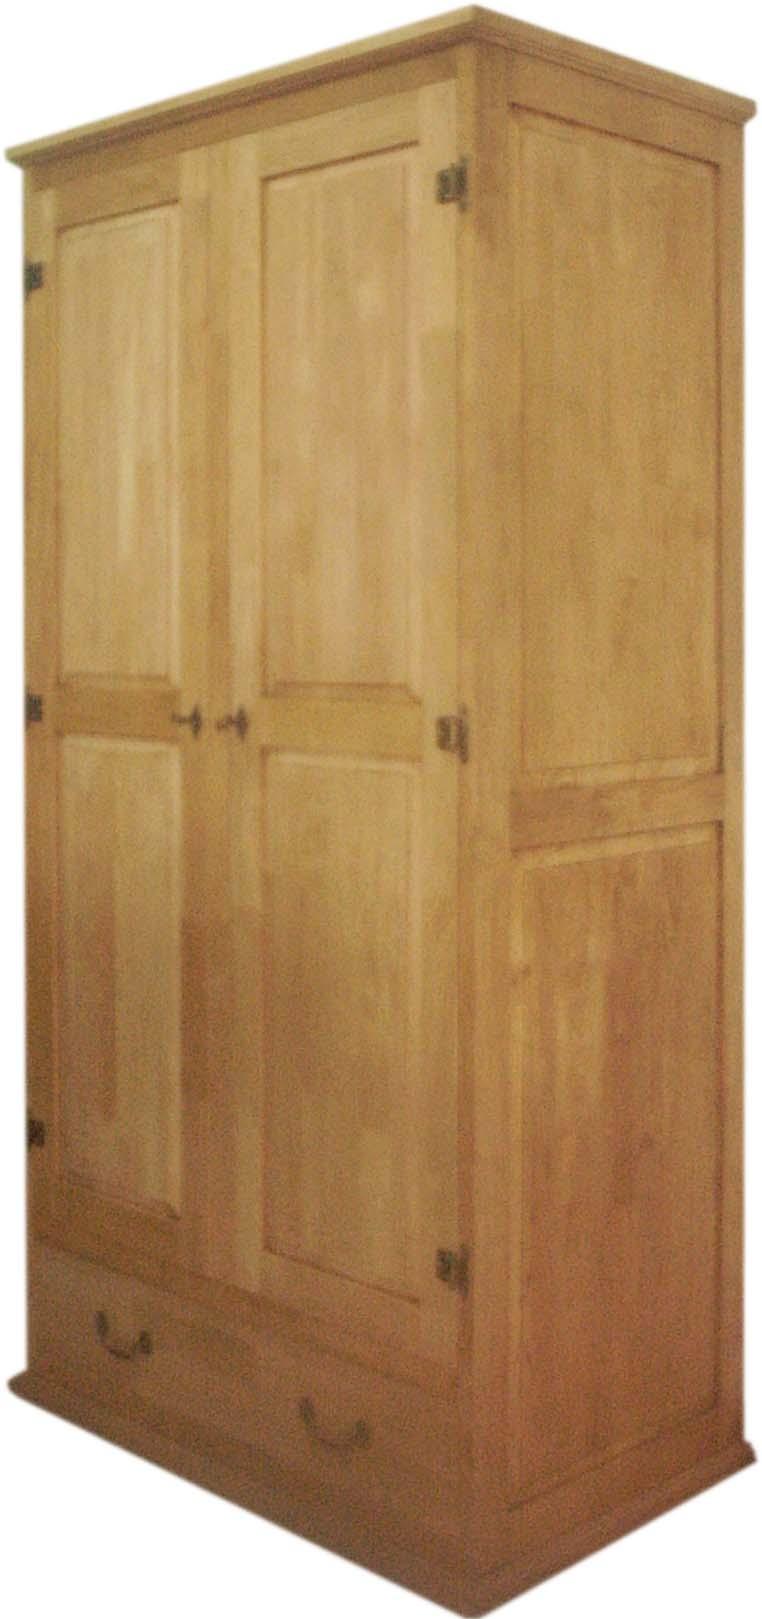 ตู้เก็บเสื้อผ้า2บาน (Pcb-201)